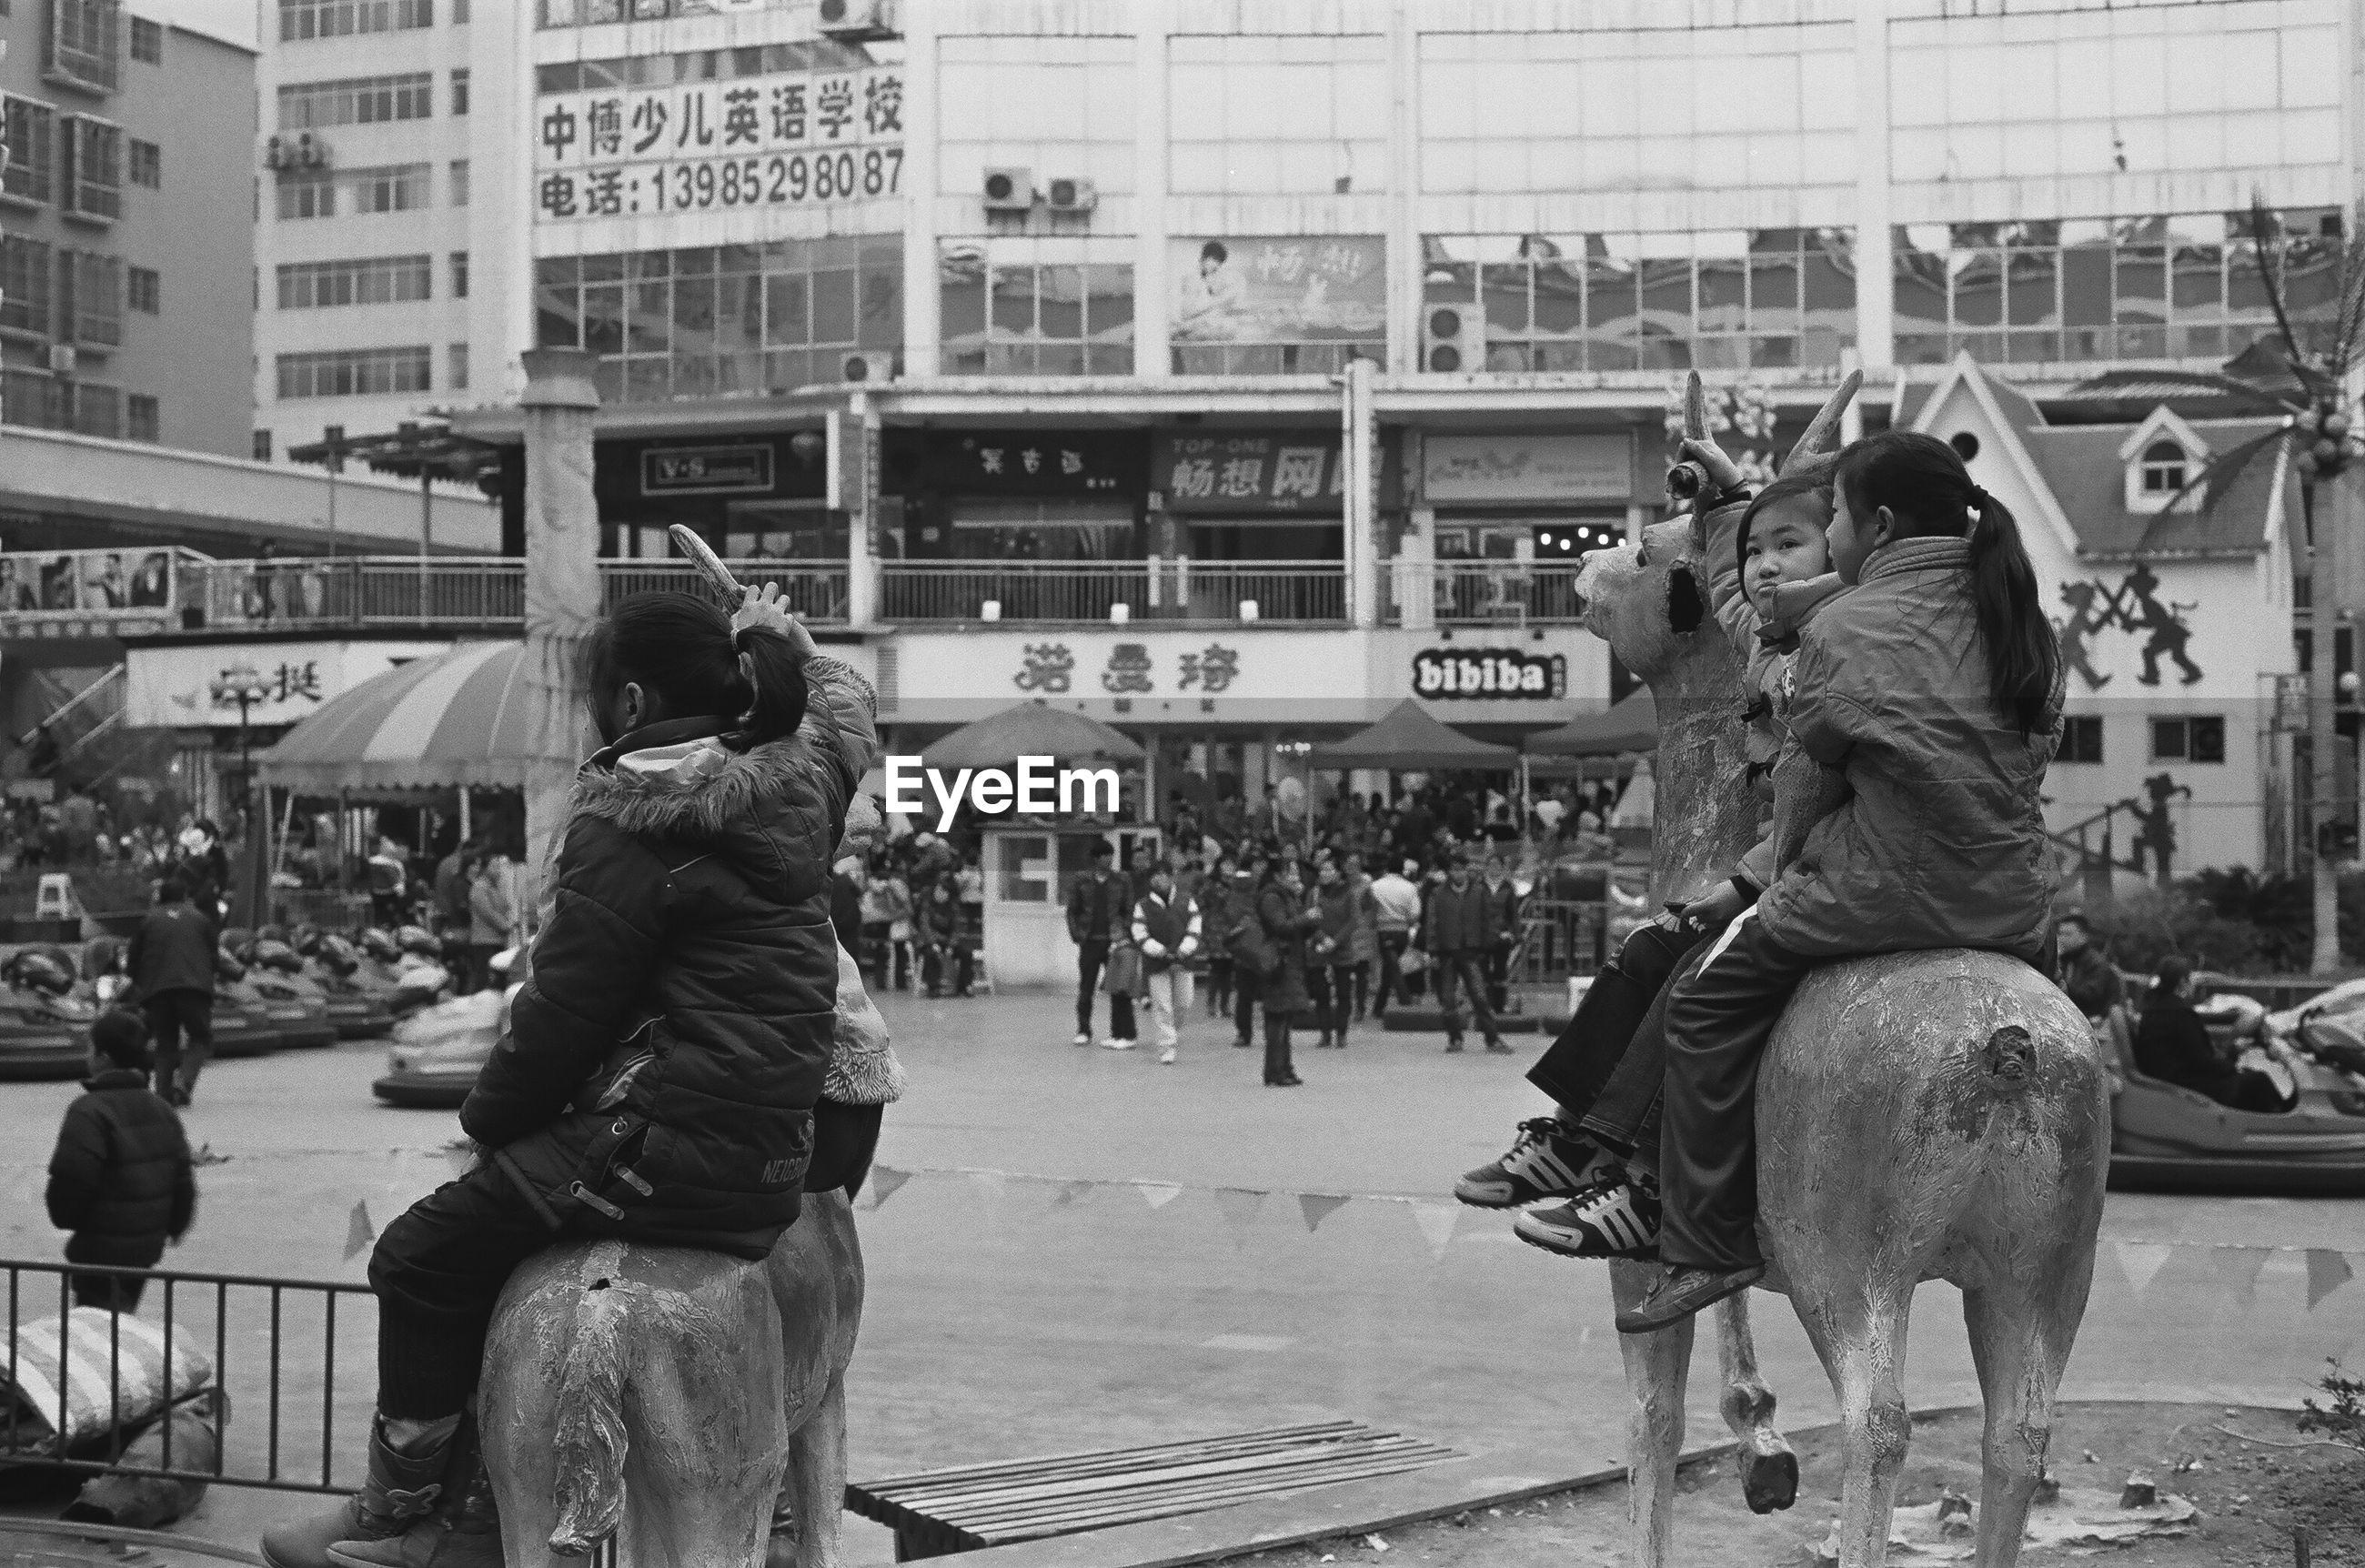 PEOPLE SITTING ON STREET AGAINST BUILDINGS